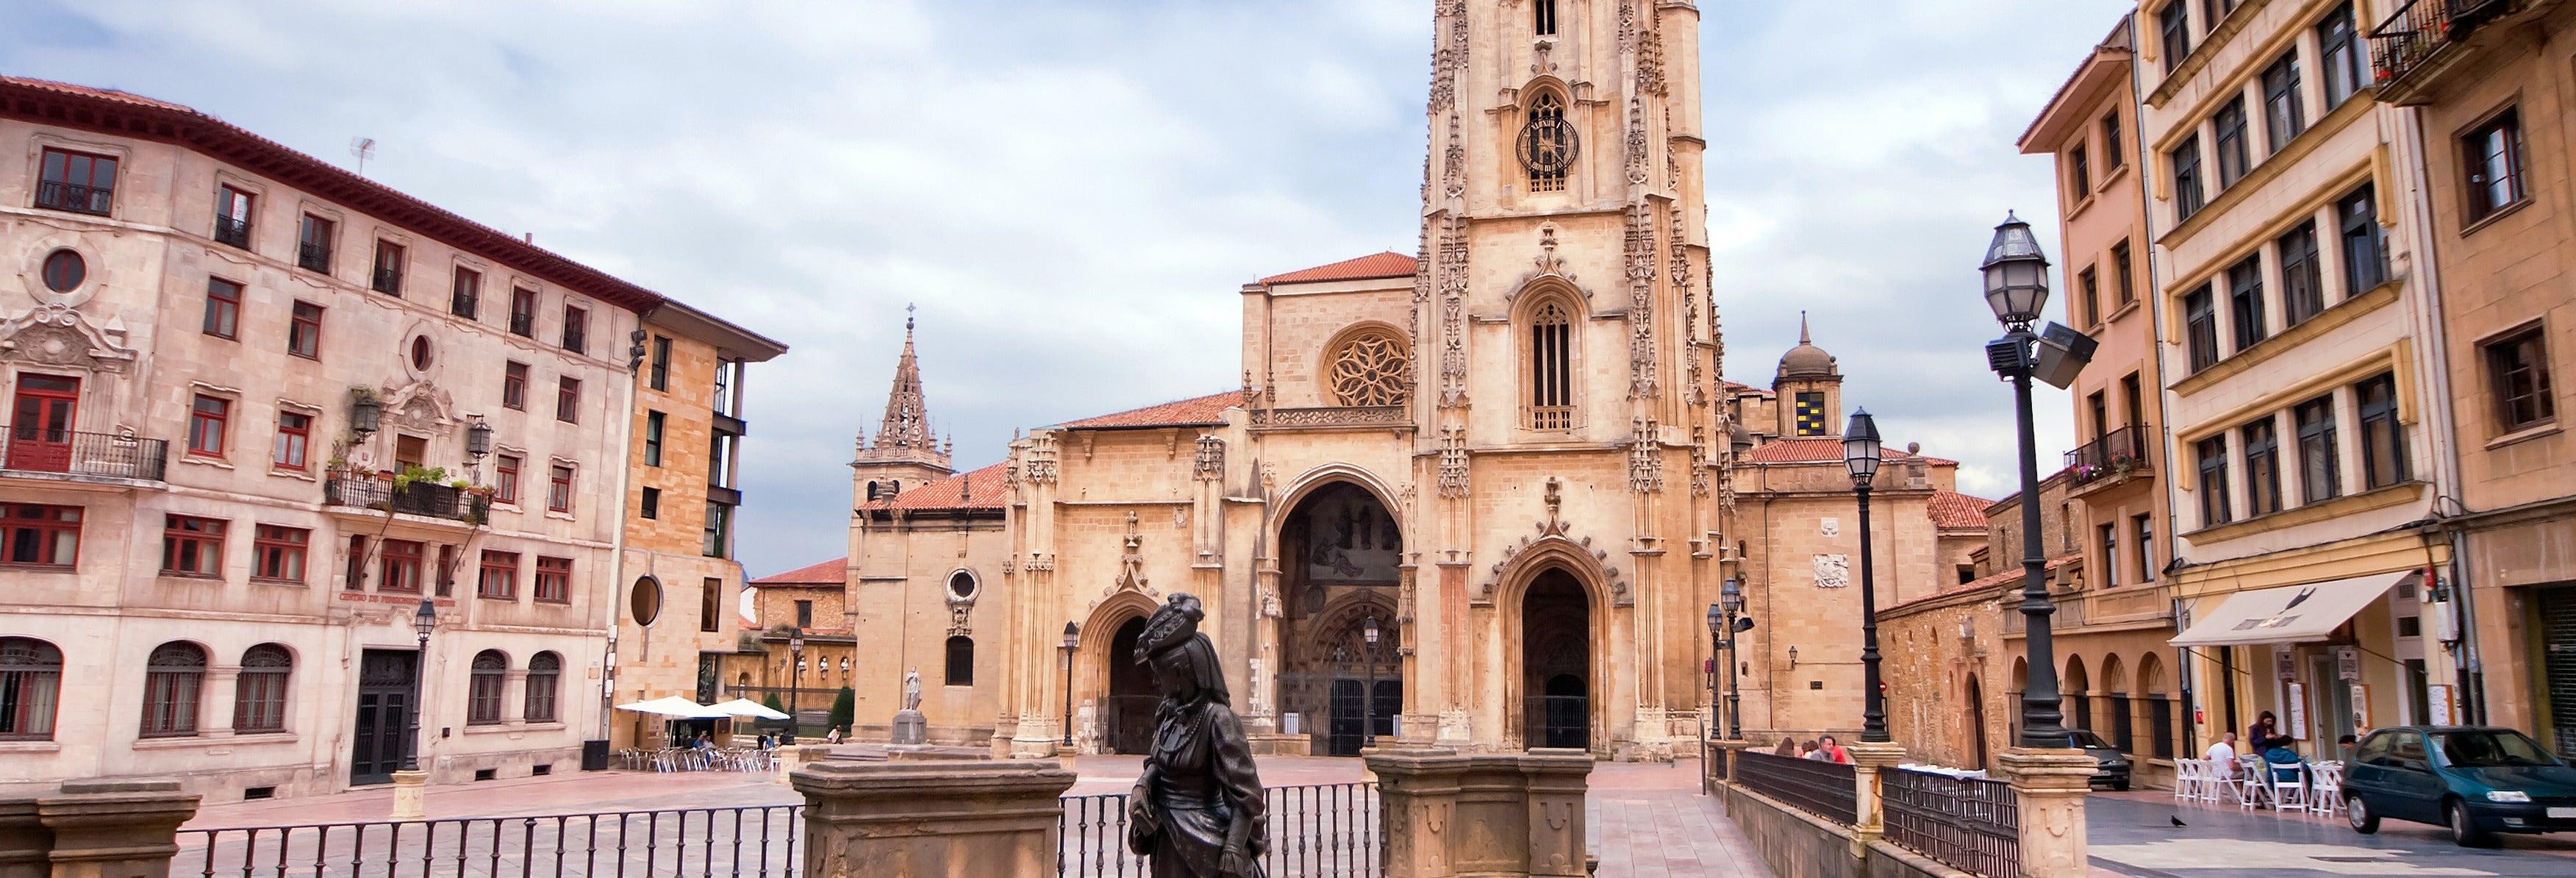 Visita guiada por Oviedo